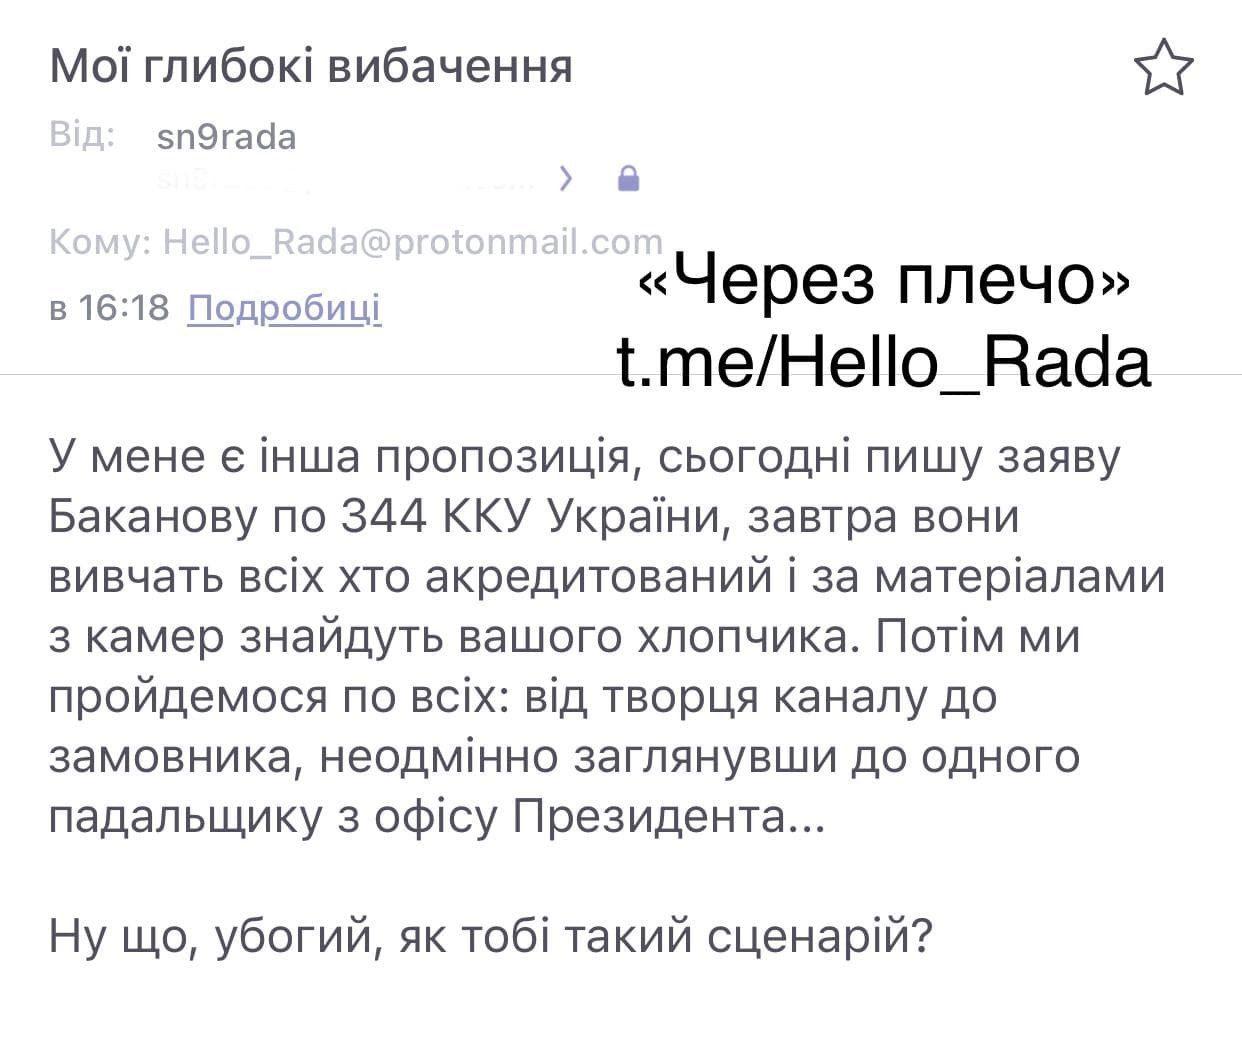 «Пройдемся по всех»: депутат от «Слуги народа» оскорбил журналистов и угрожает им Бакановым